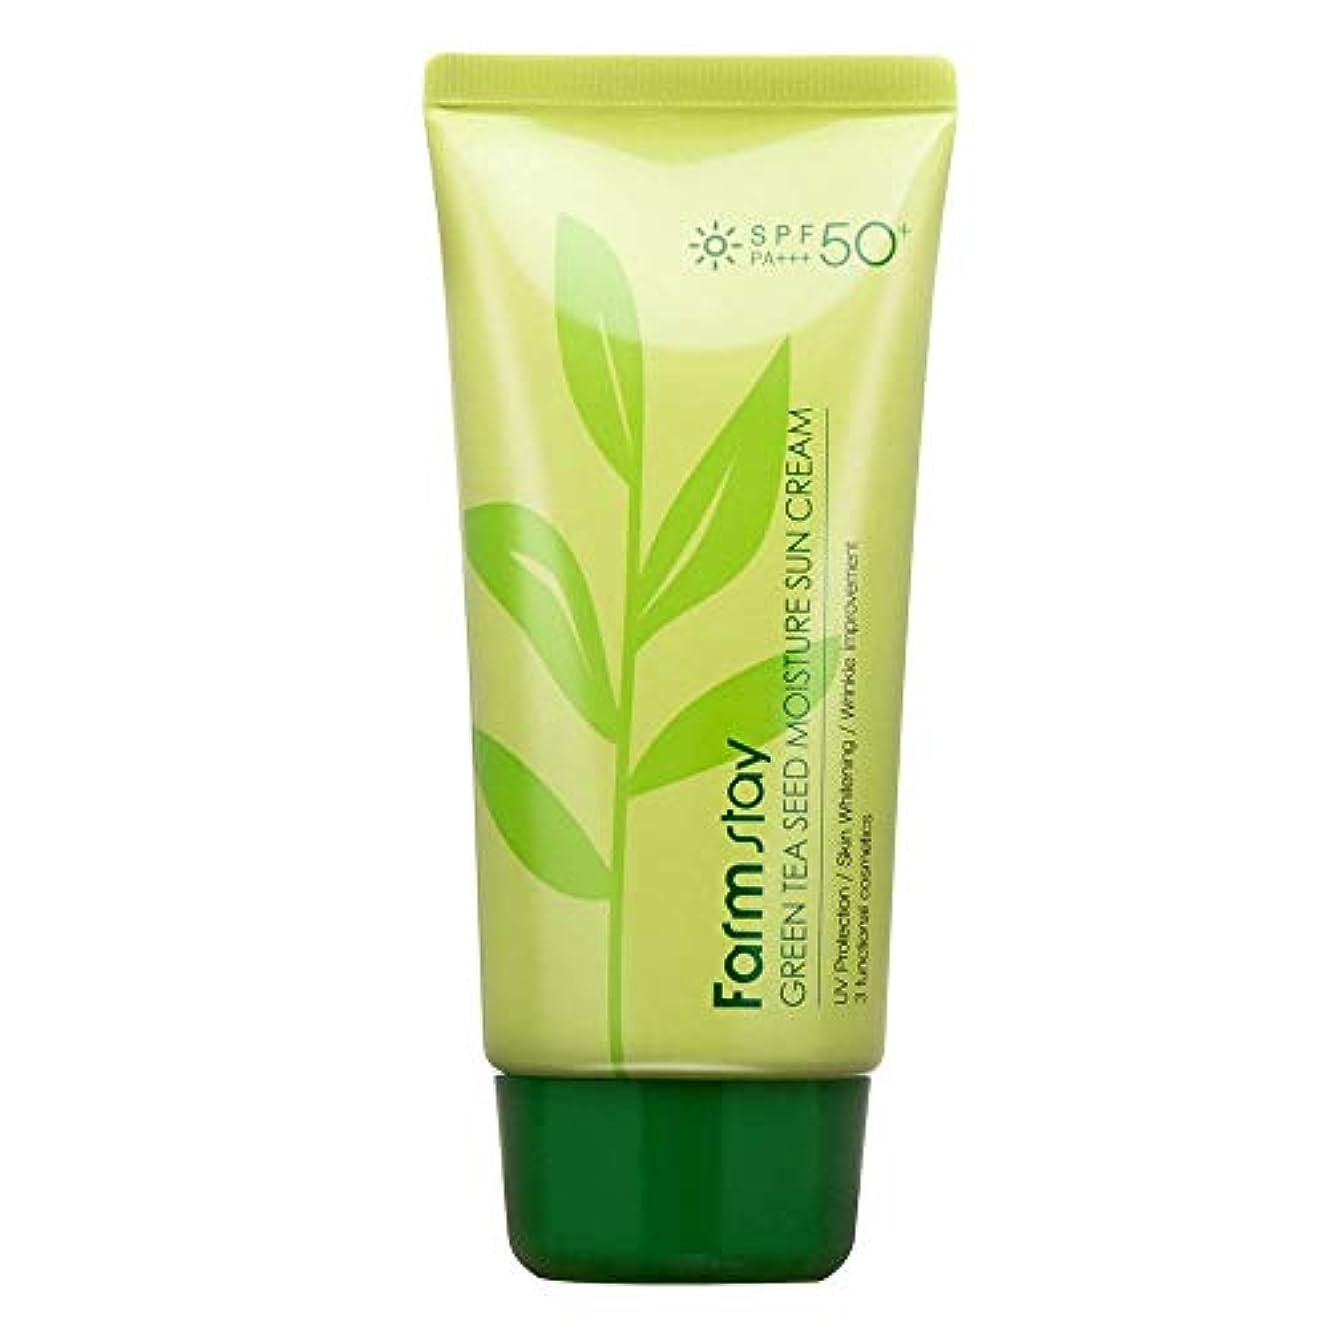 圧縮された貫通する時刻表ファームステイ[Farm Stay] グリーンティーシードモイスチャーサンクリーム 70g (美白&しわ防止) / Green Tea Seed Moisture Sun Cream